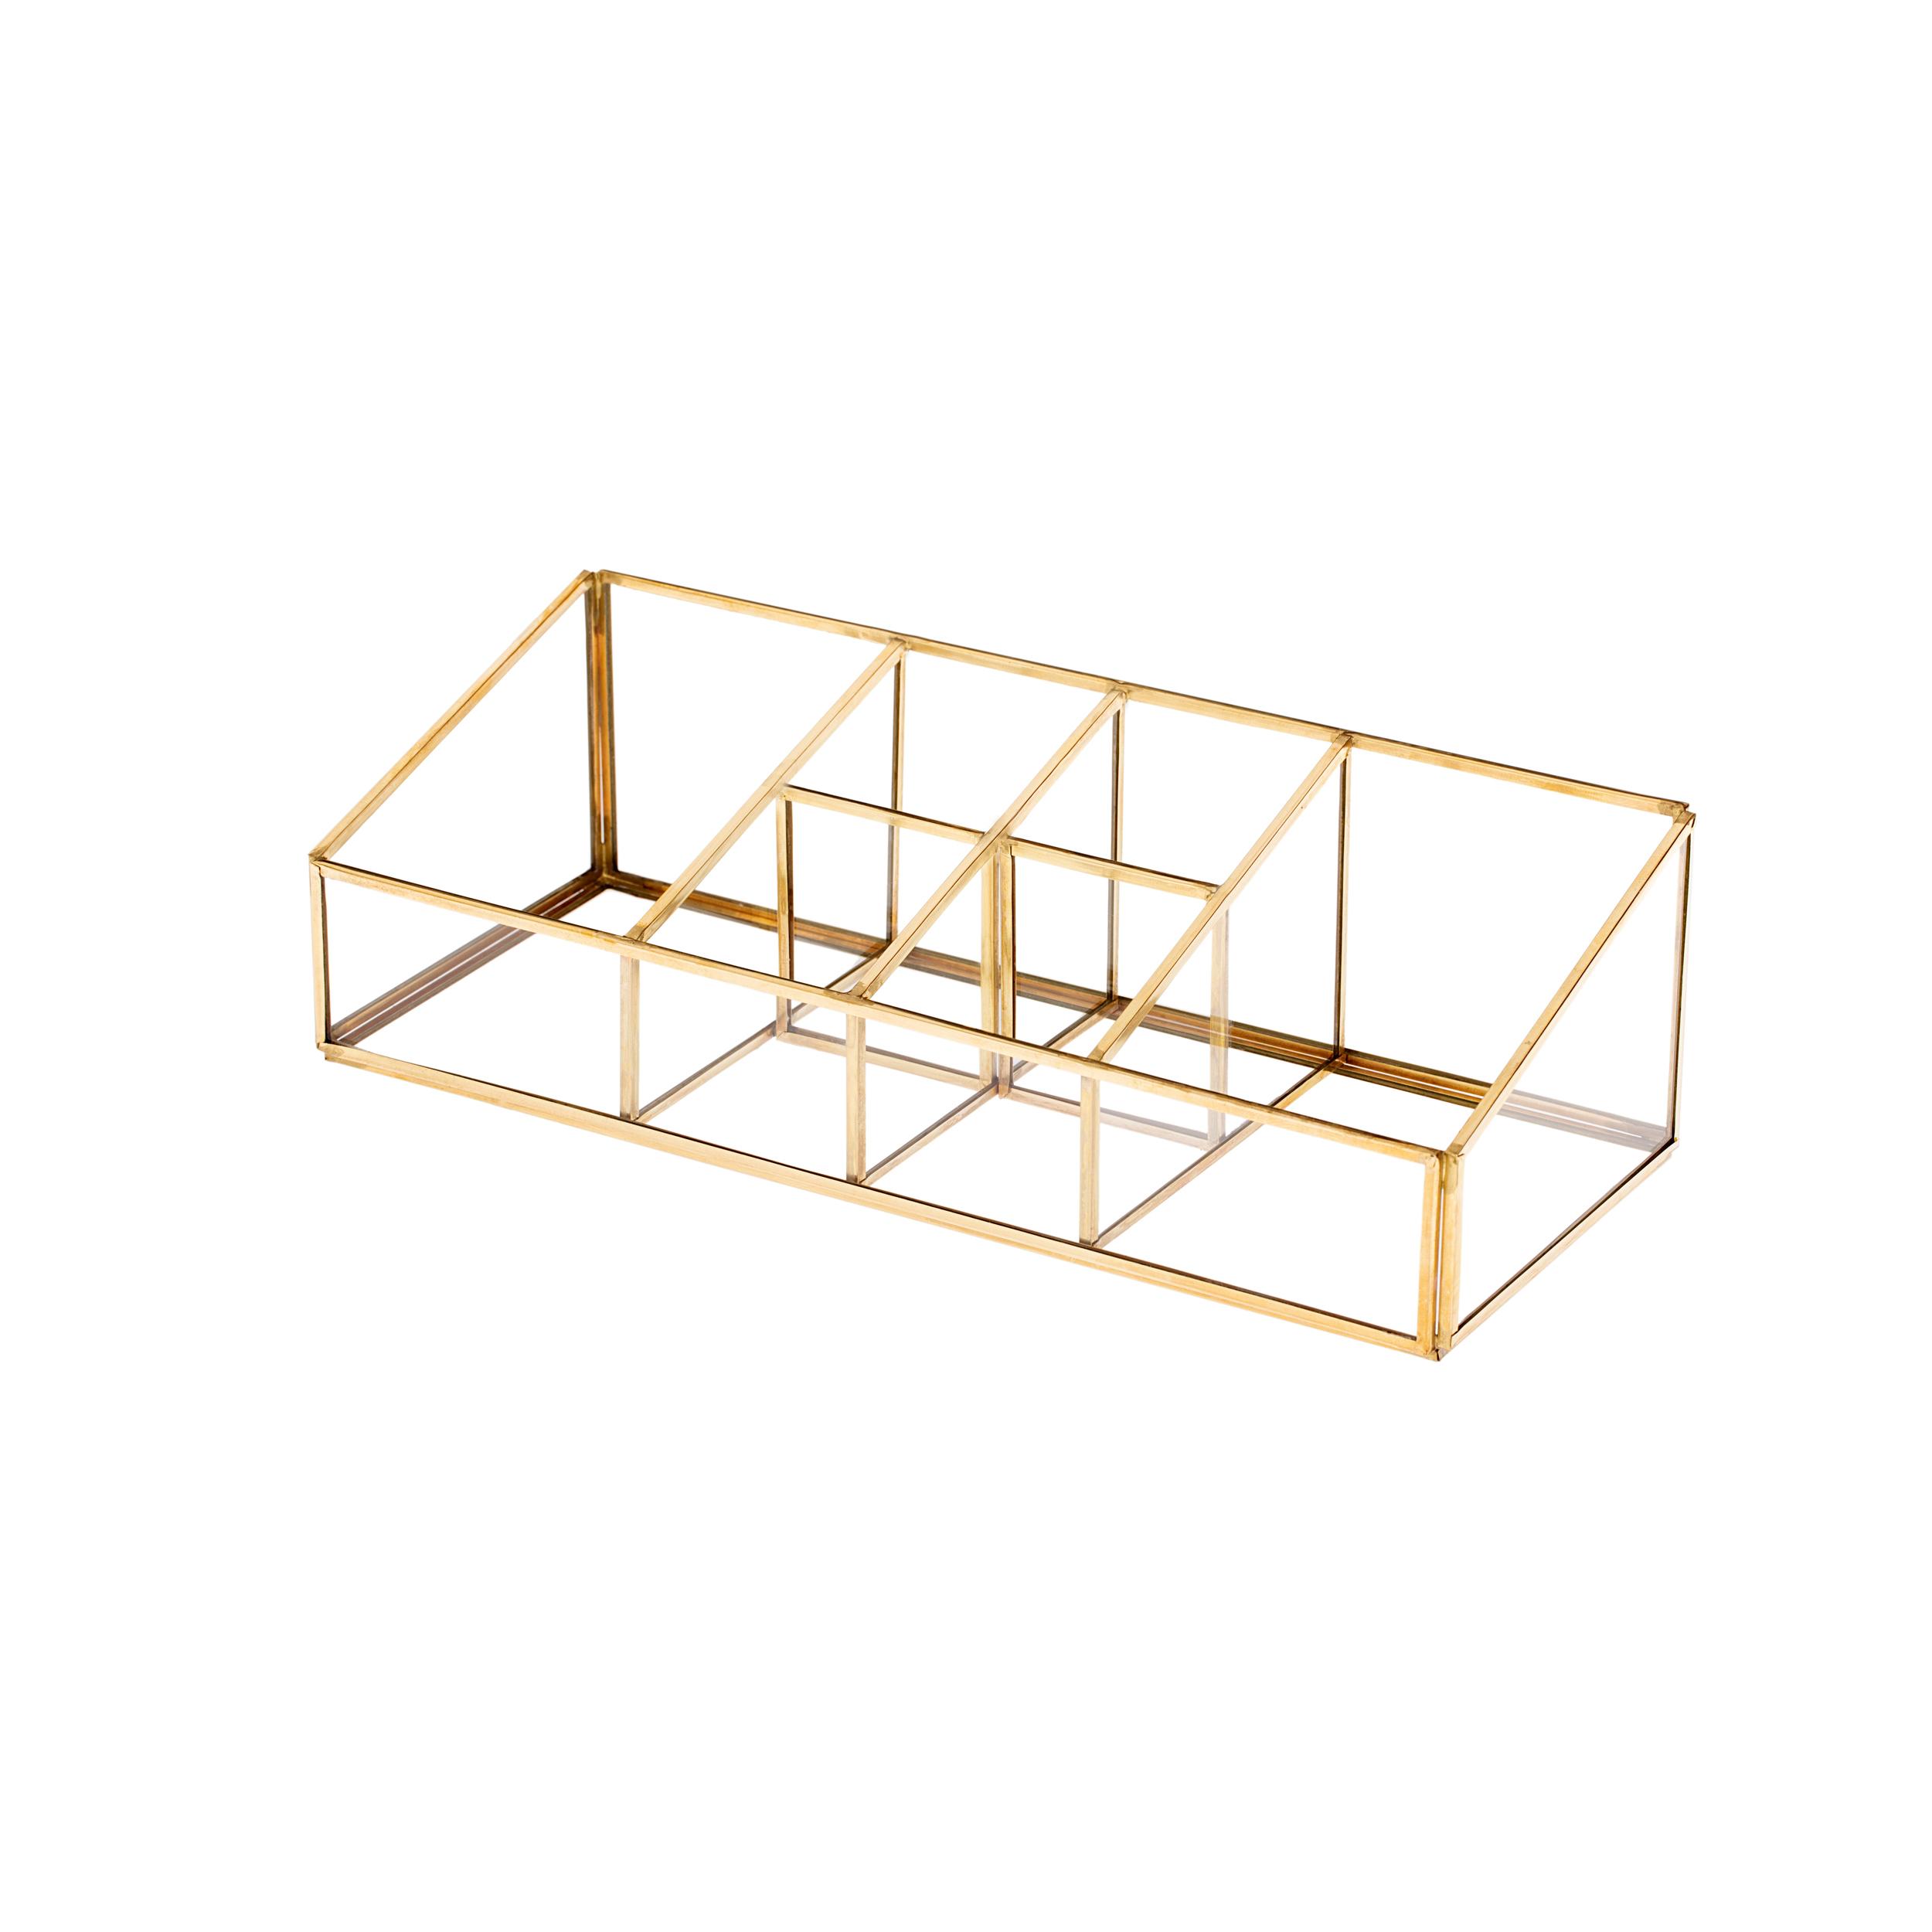 استند لوازم آرایشی شیشه ای مدل Sections کد BT2511